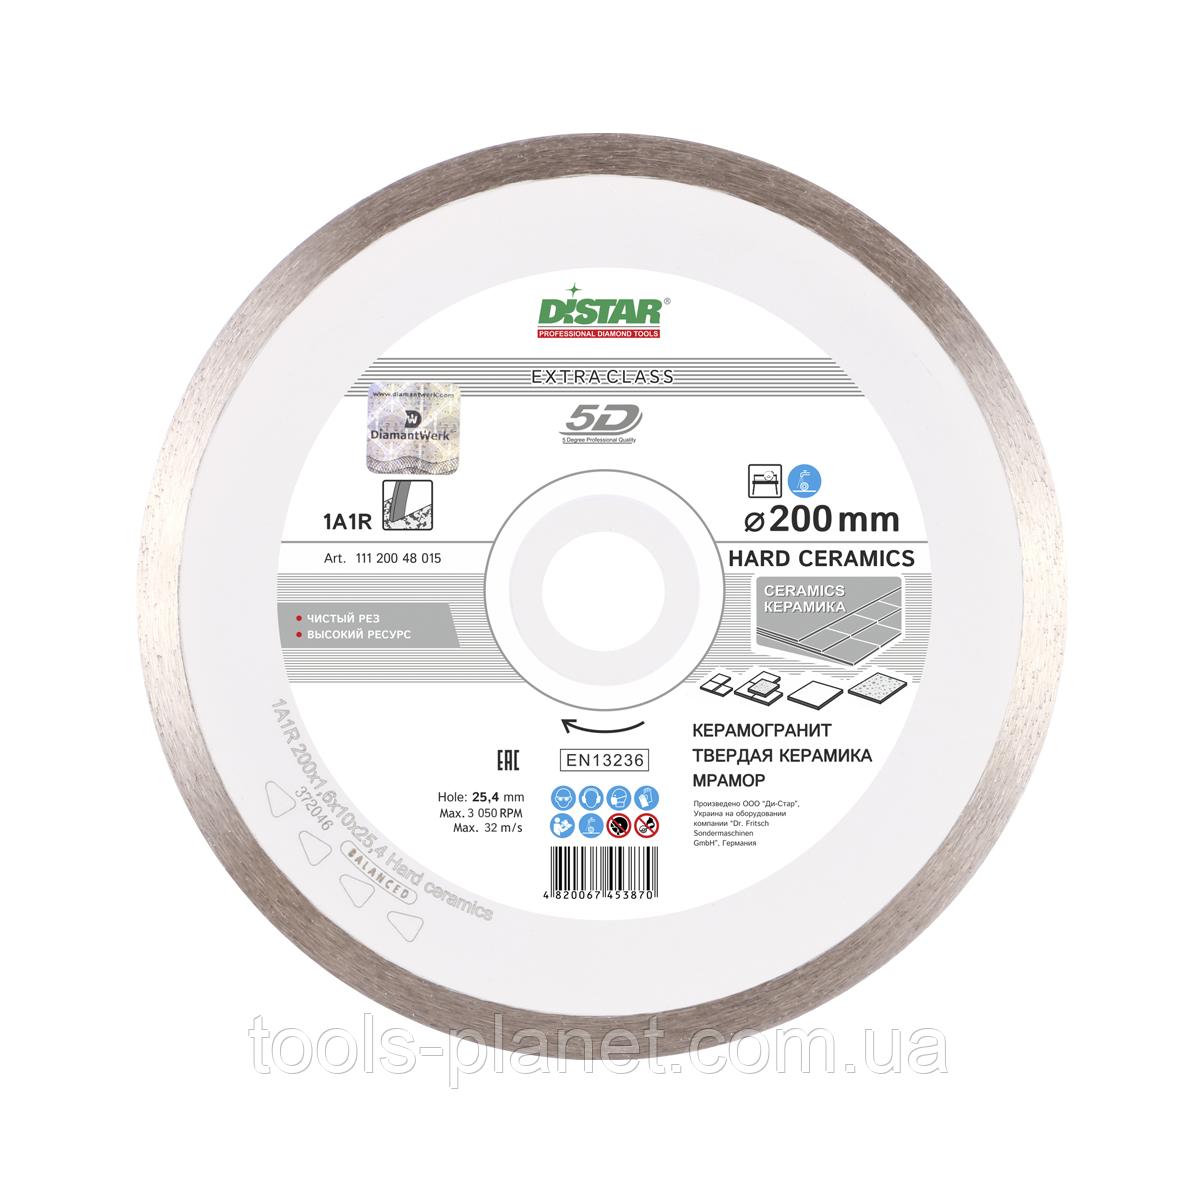 Алмазный диск Distar 1A1R 200 x 1,6 x 10 x 25,4 Hard Ceramics 5D (11120048015)